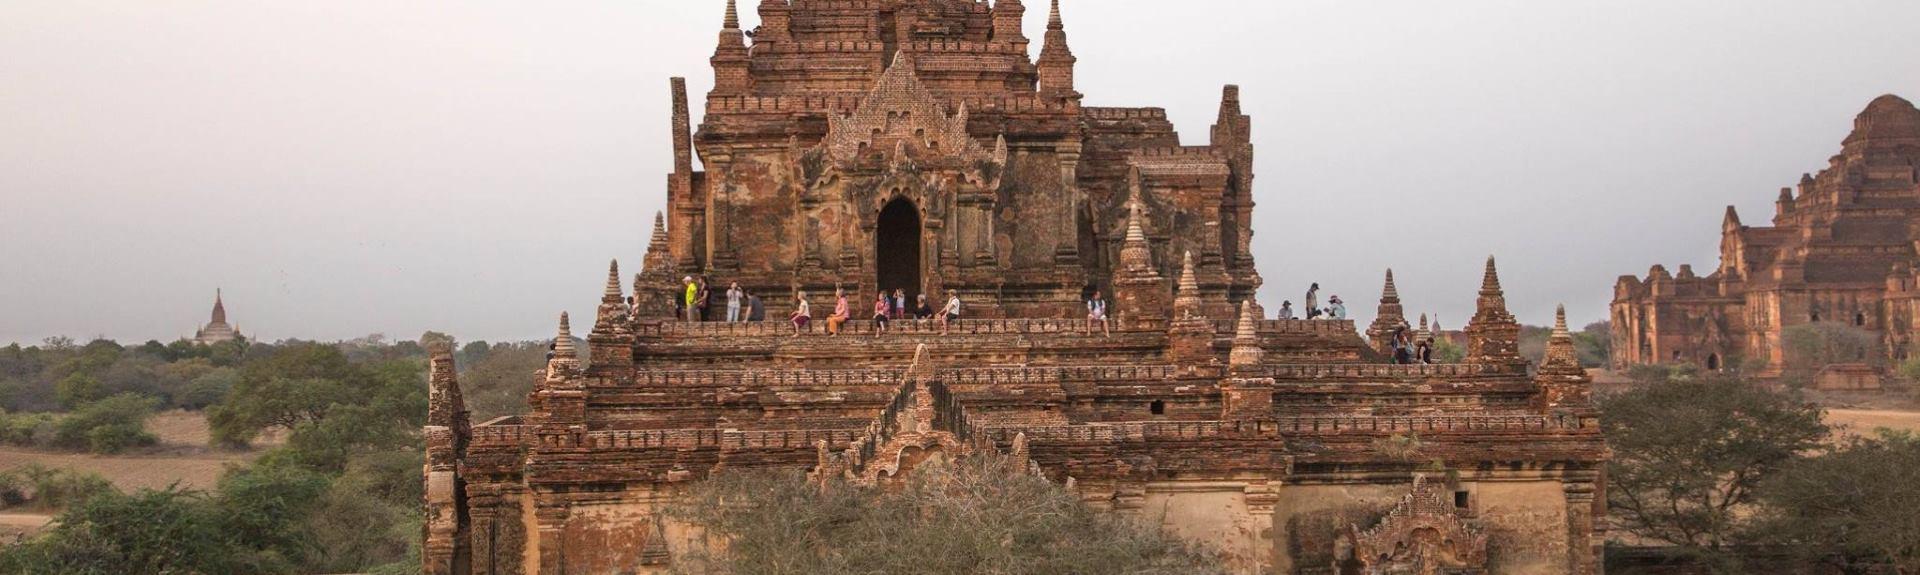 VIDEO: Pogledajmo područje budističkog grada Bagana